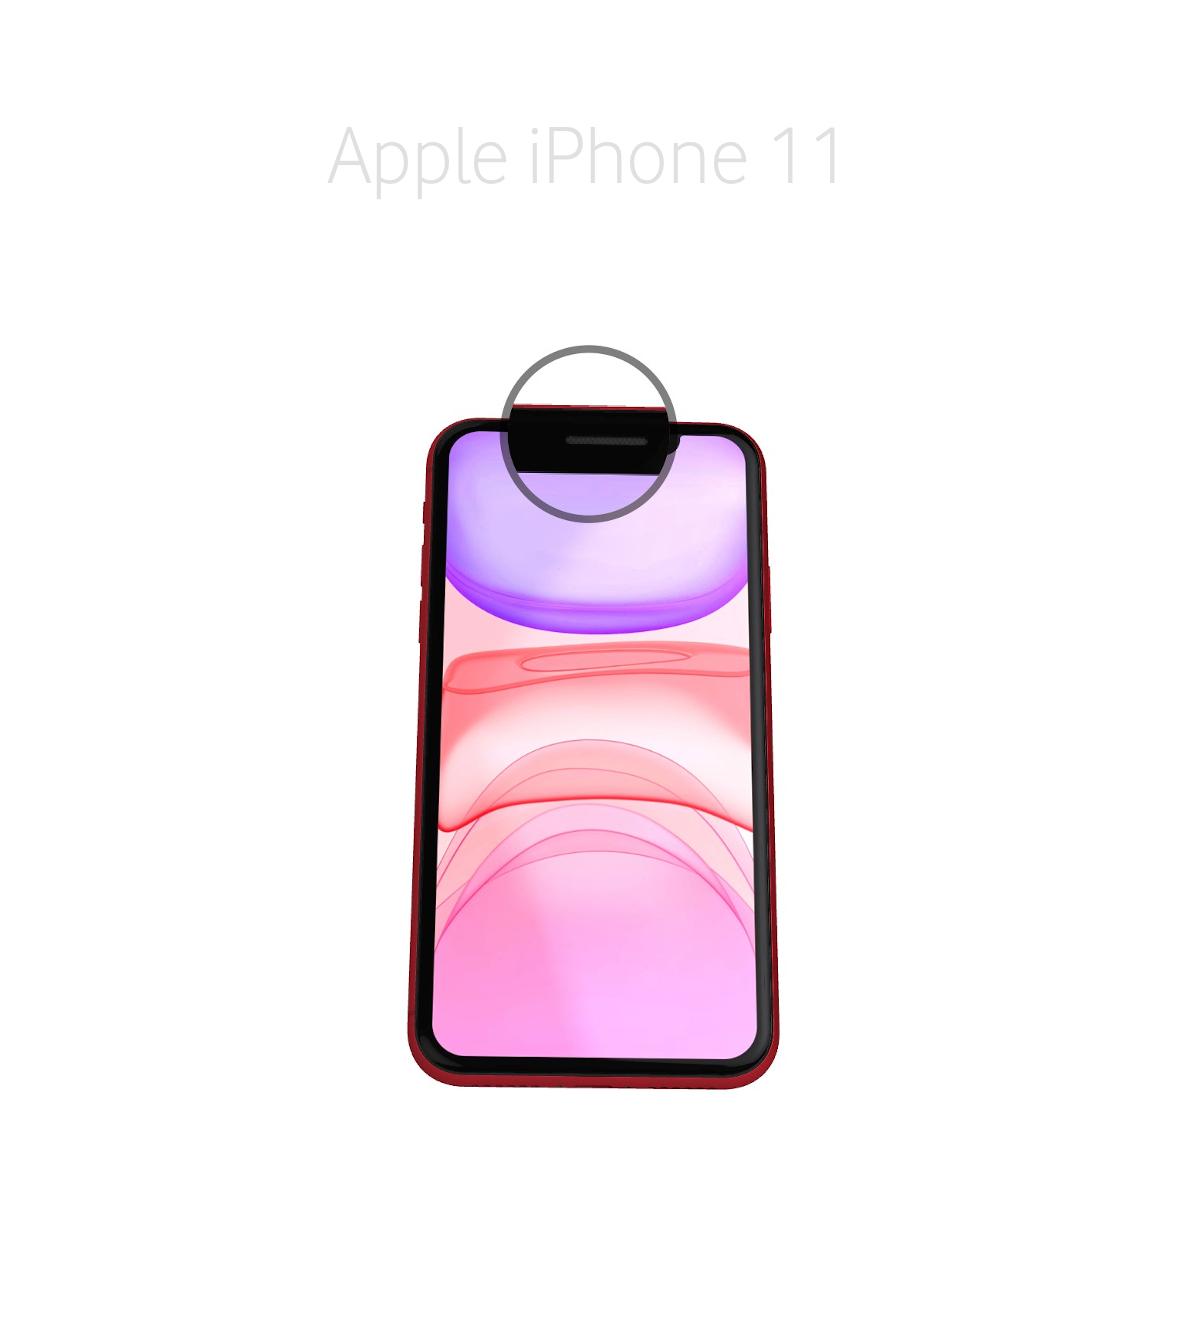 Laga ljussensor iPhone 11